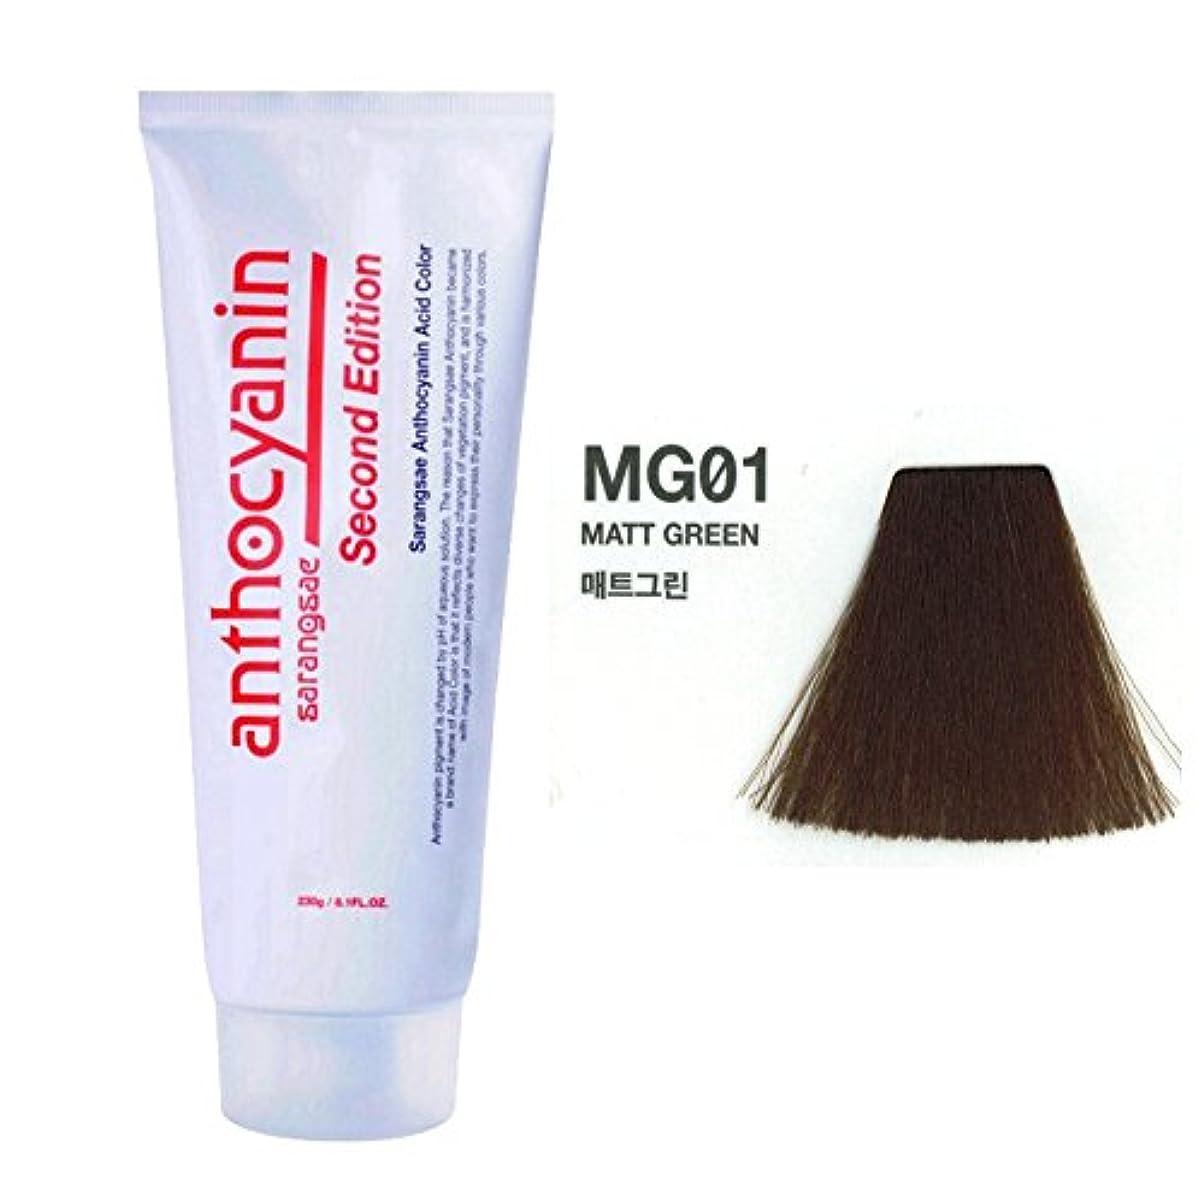 ヘルシー事業内容膨らませるヘア マニキュア カラー セカンド エディション 230g セミ パーマネント 染毛剤 (Hair Manicure Color Second Edition 230g Semi Permanent Hair Dye) [並行輸入品] (MG01 Marr Green)